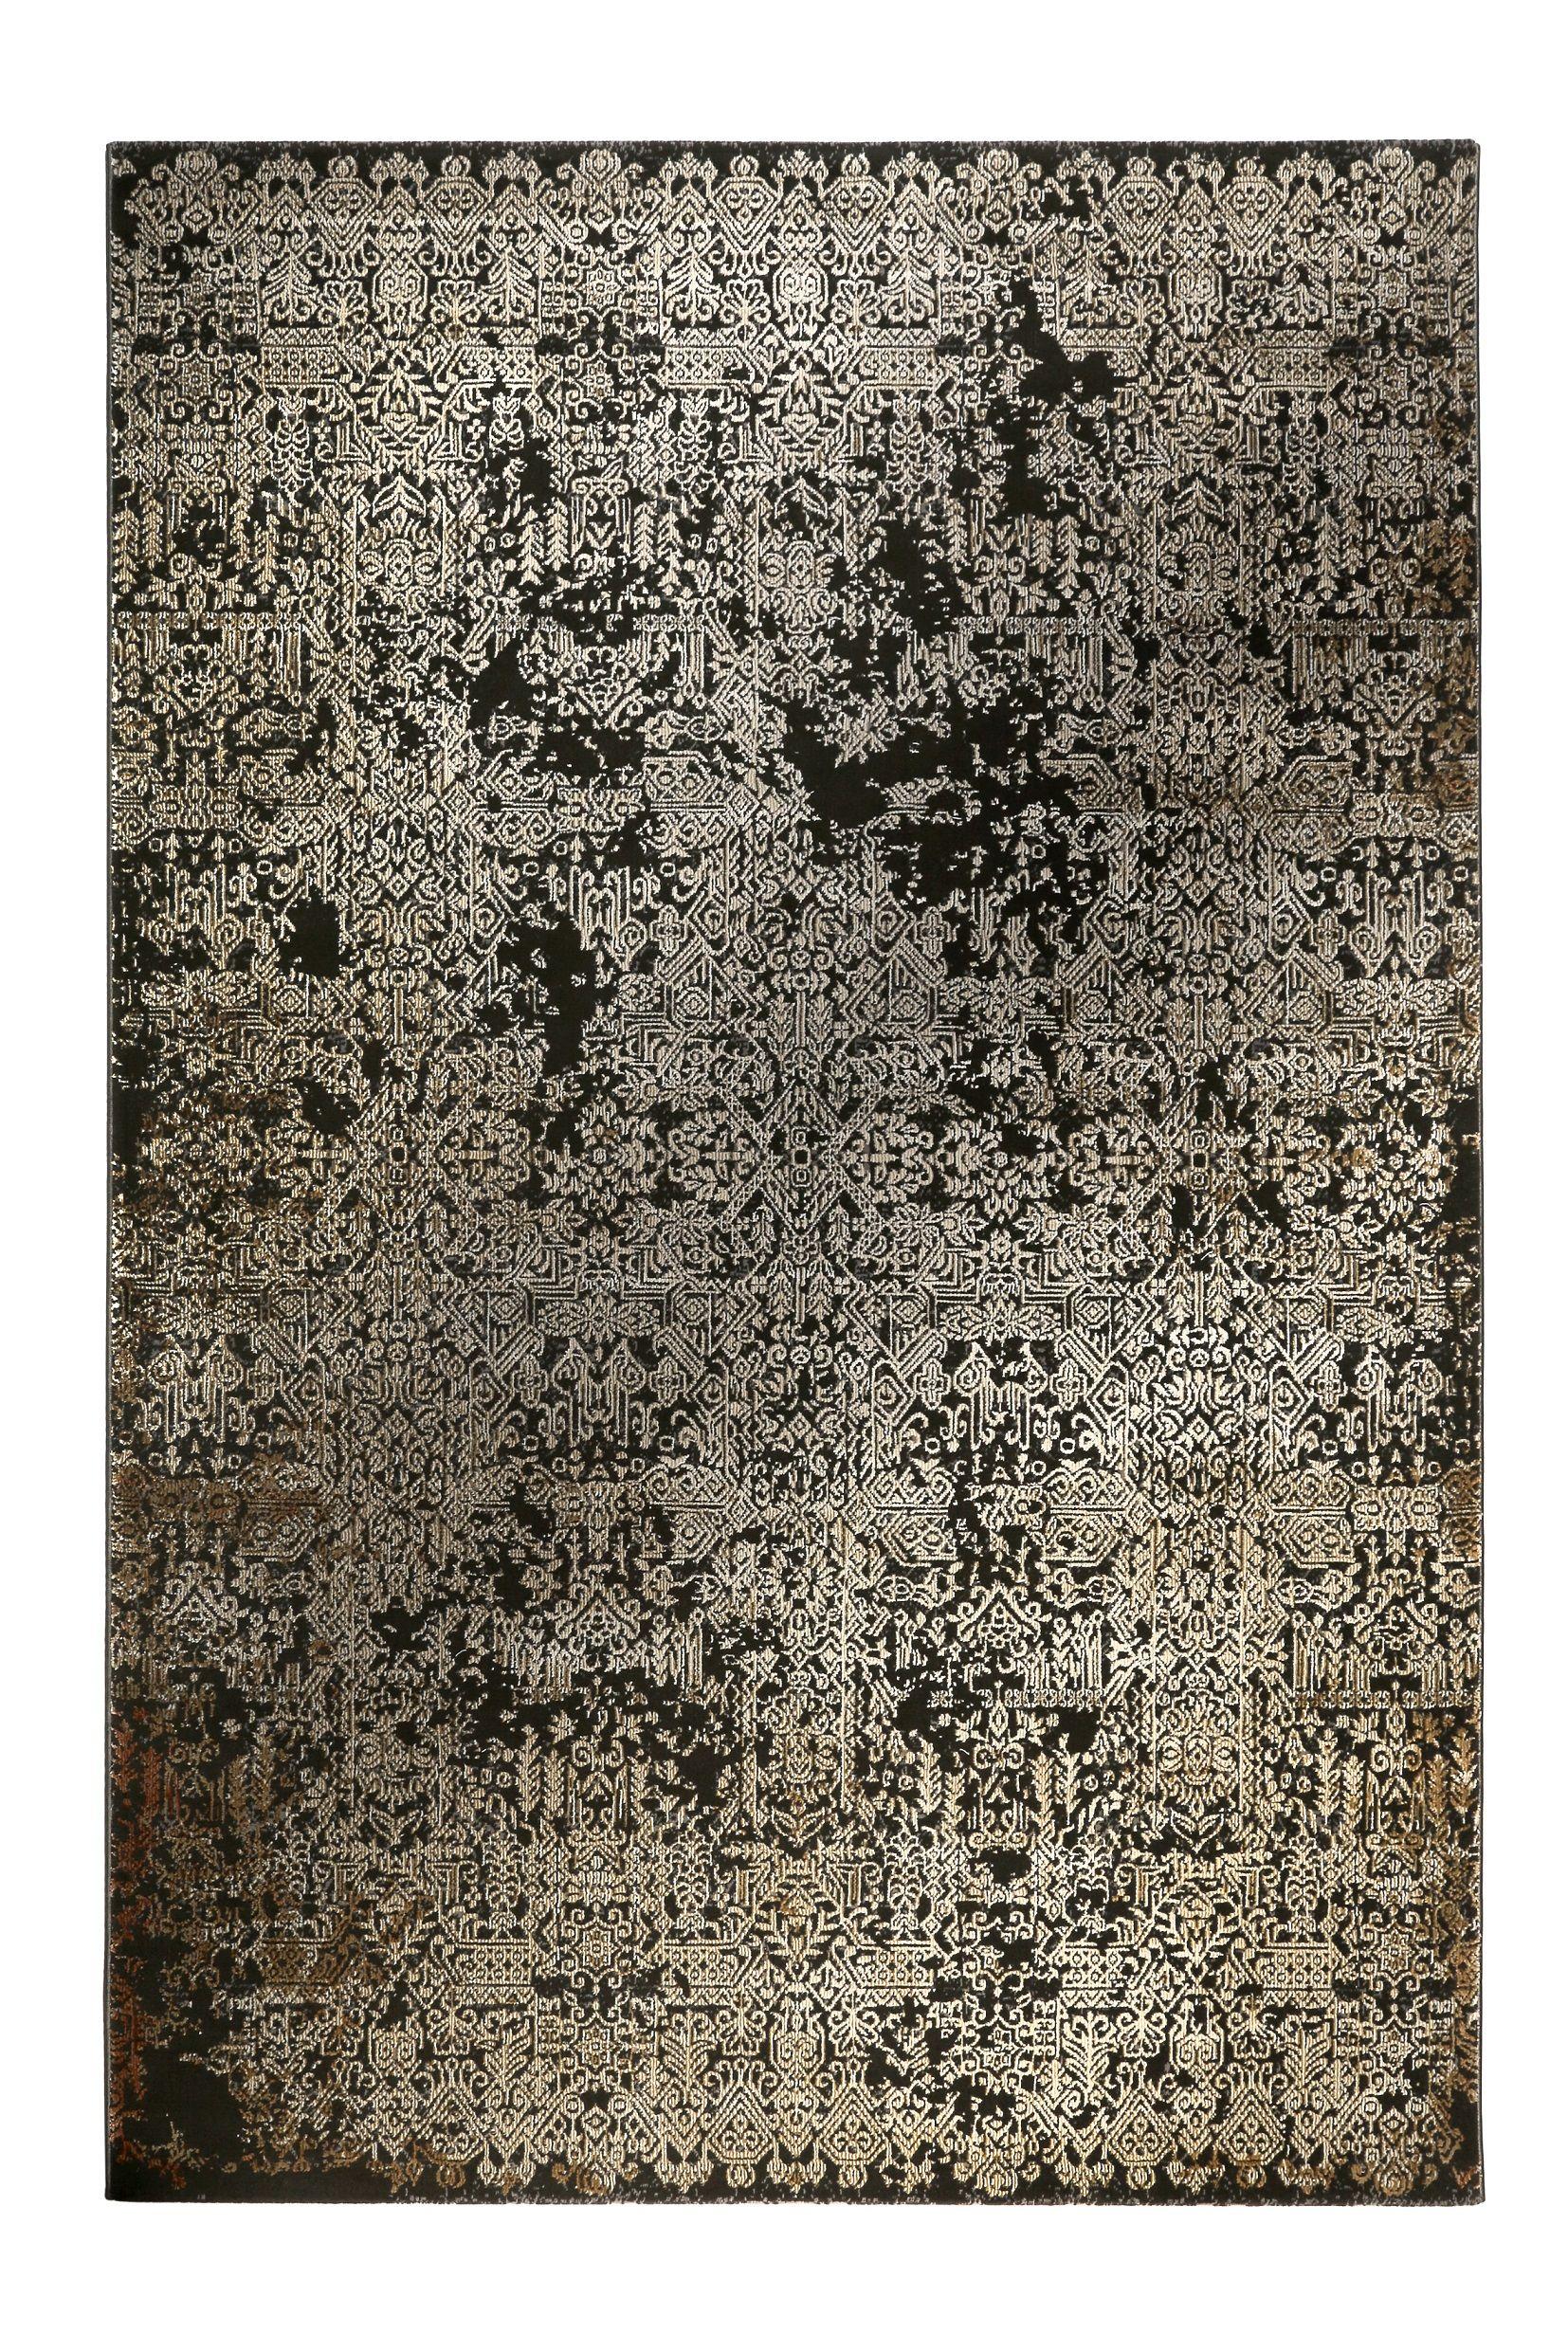 Teppich Gold Braun Vintage Bel Etage Wecon Home Teppich Webteppich Teppich Beige